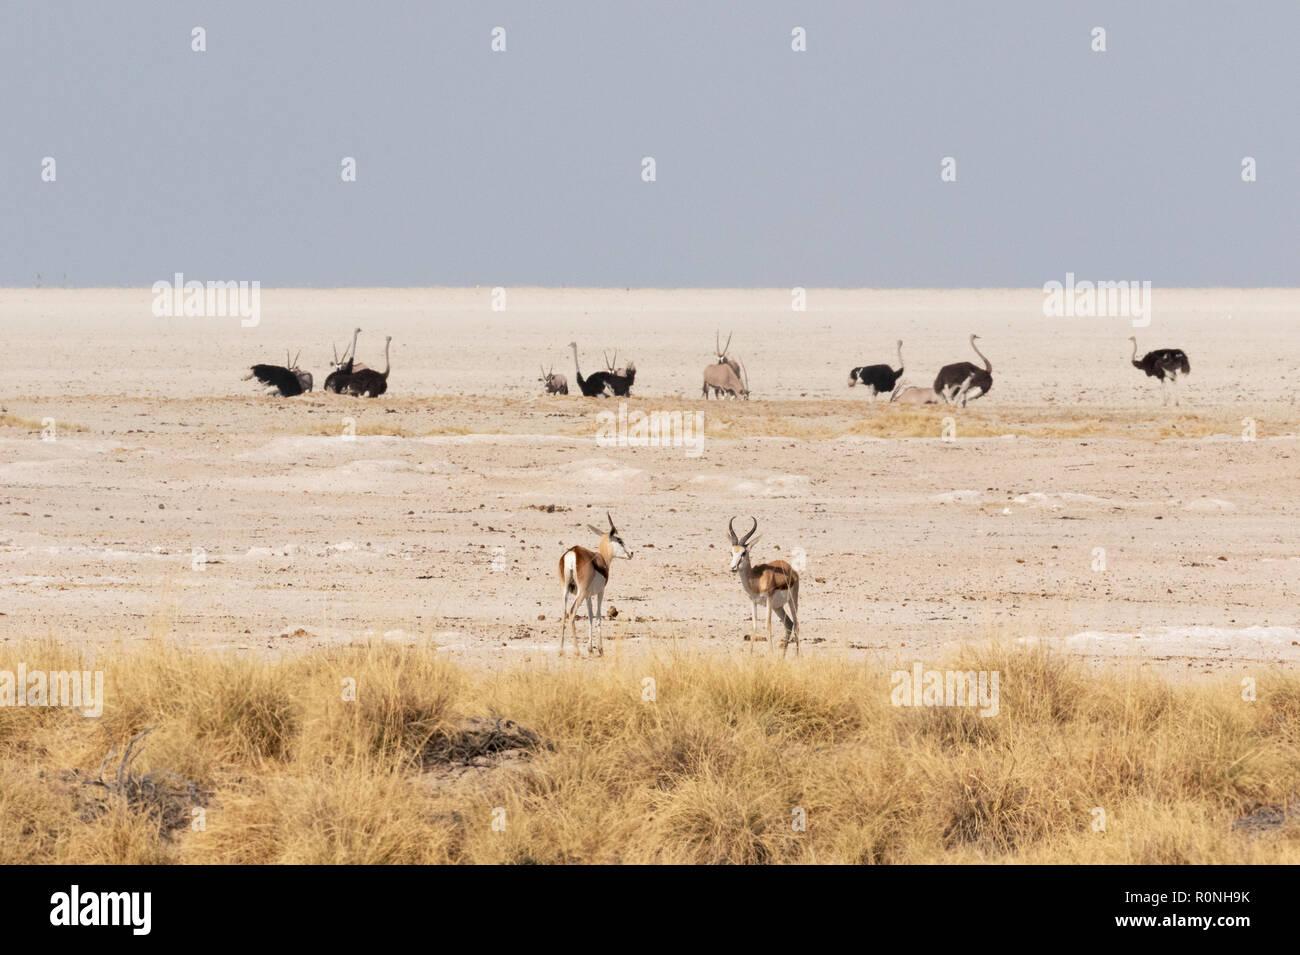 Etosha Pan - wildlife on the edge of the salt pan landscape, Etosha national park, Namibia Africa - Stock Image